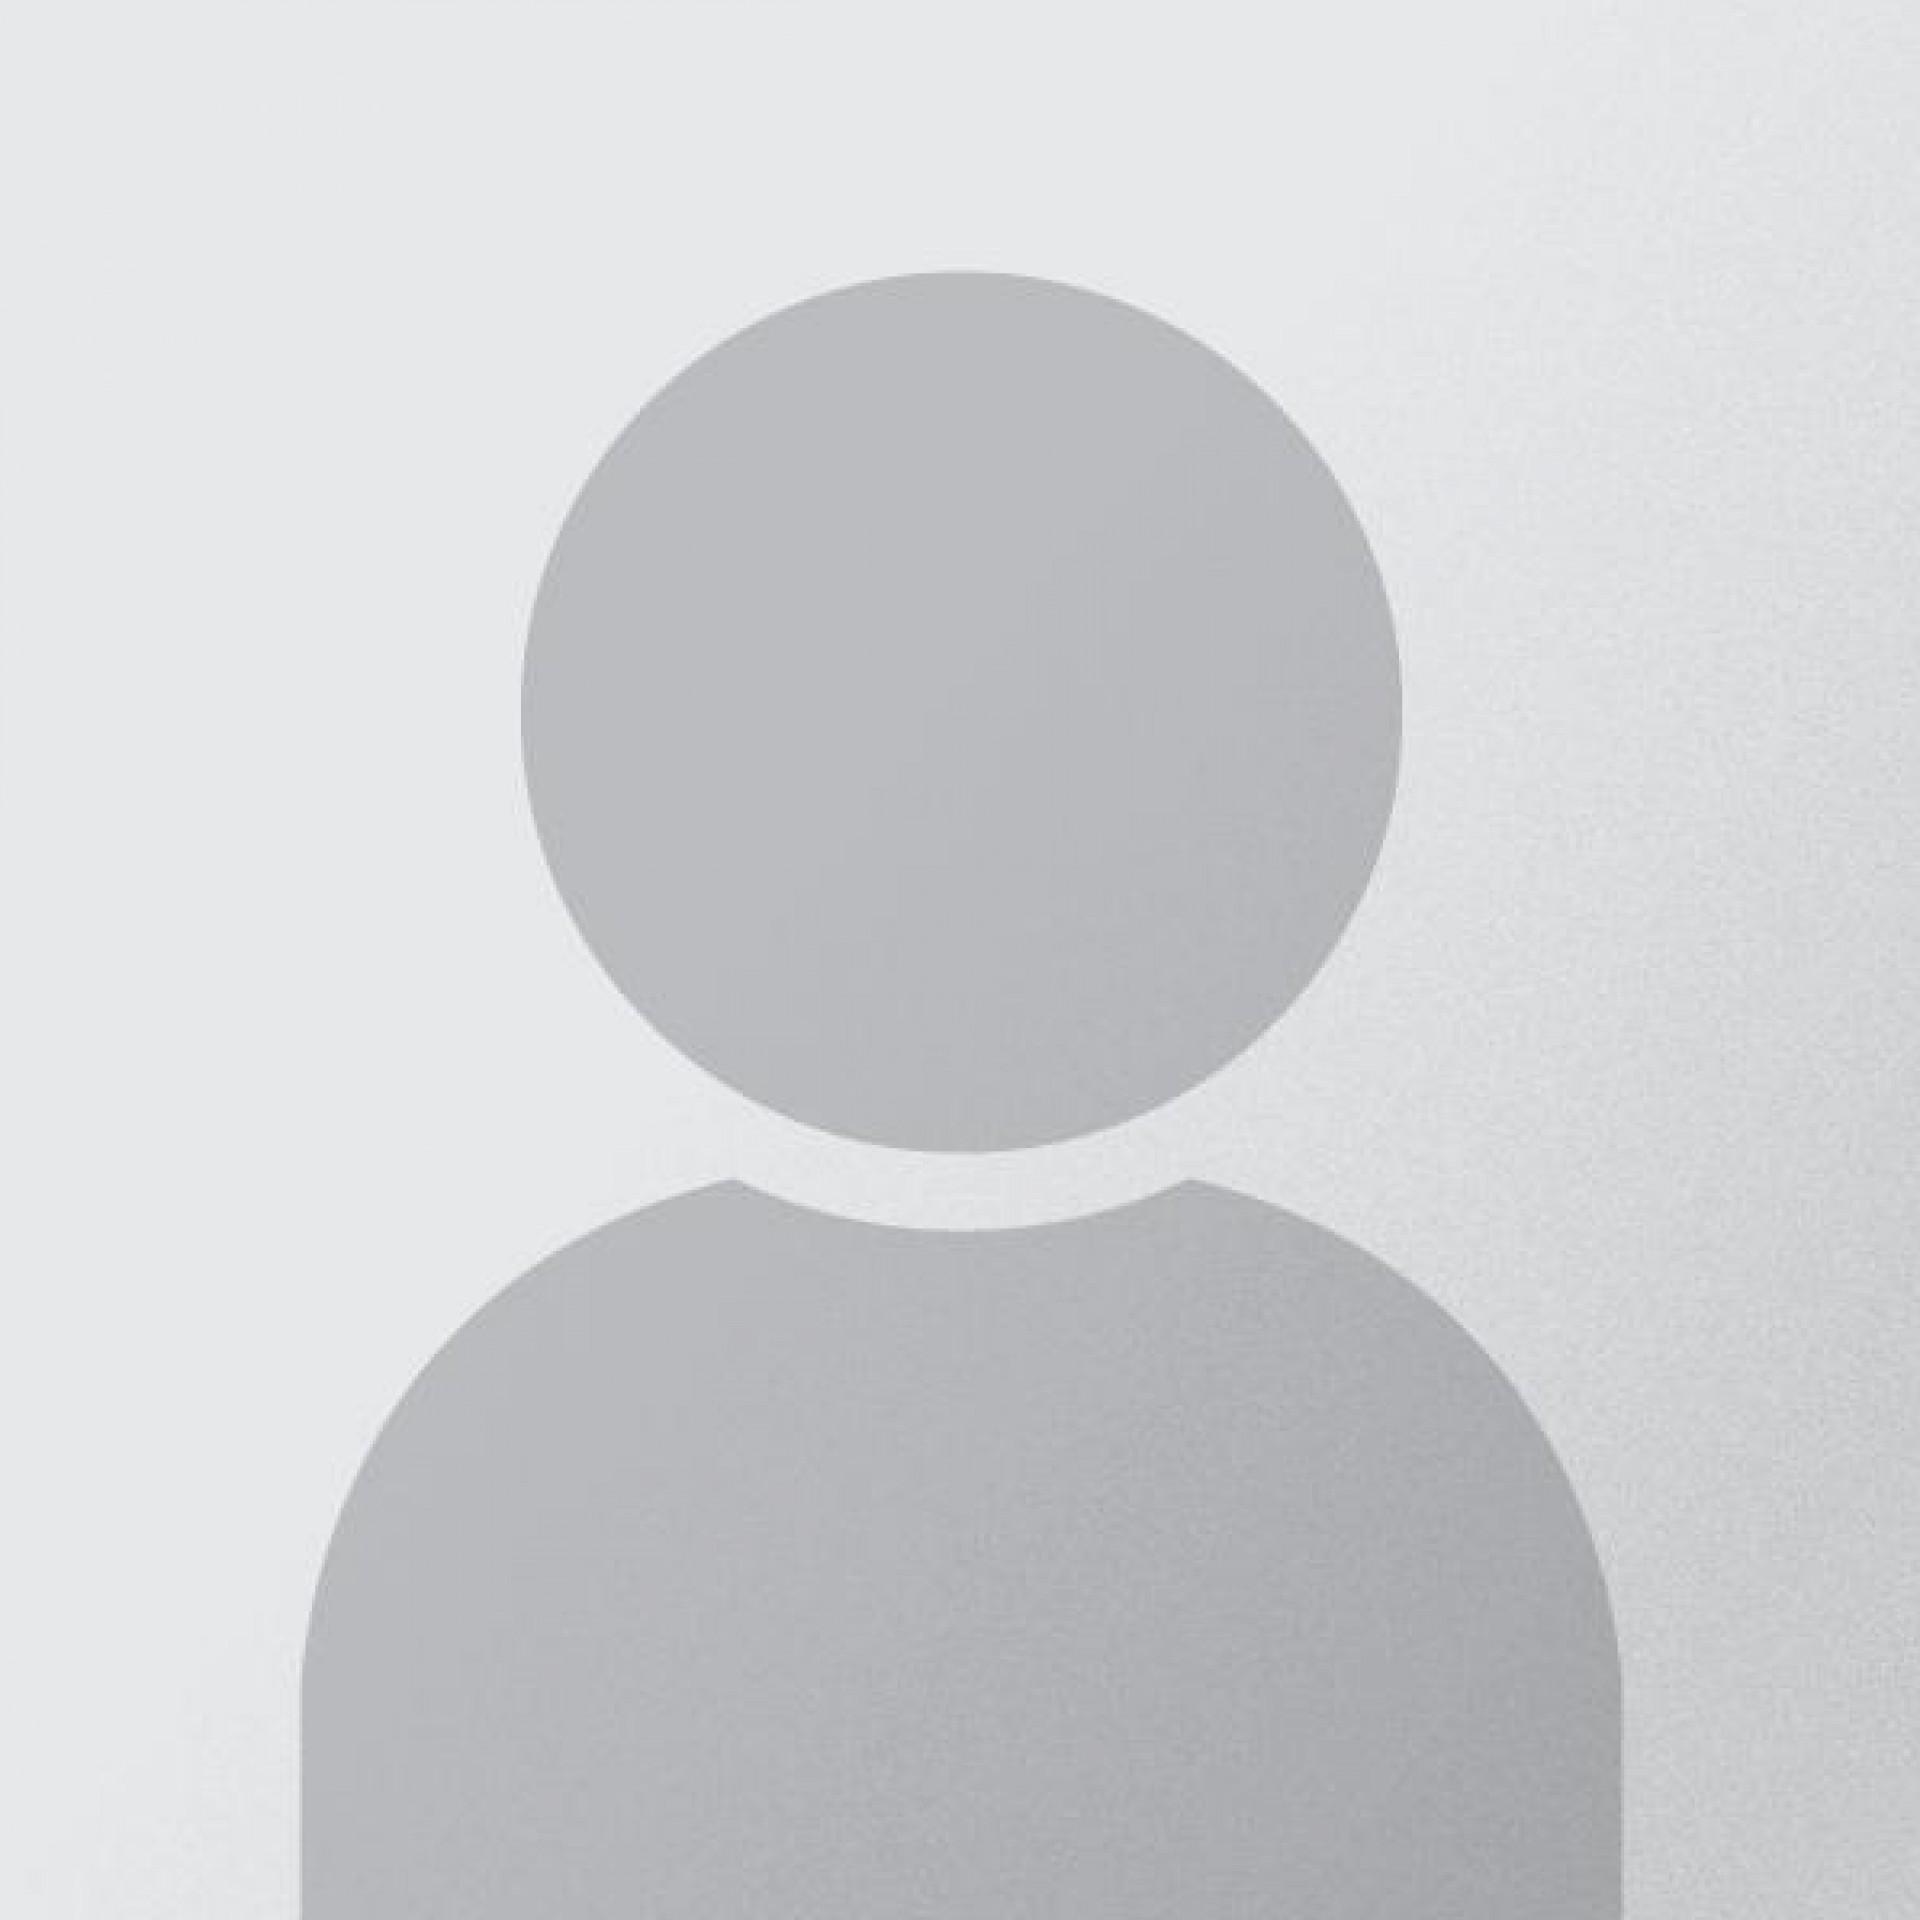 fotografia p021 profilu 01023MME5Q